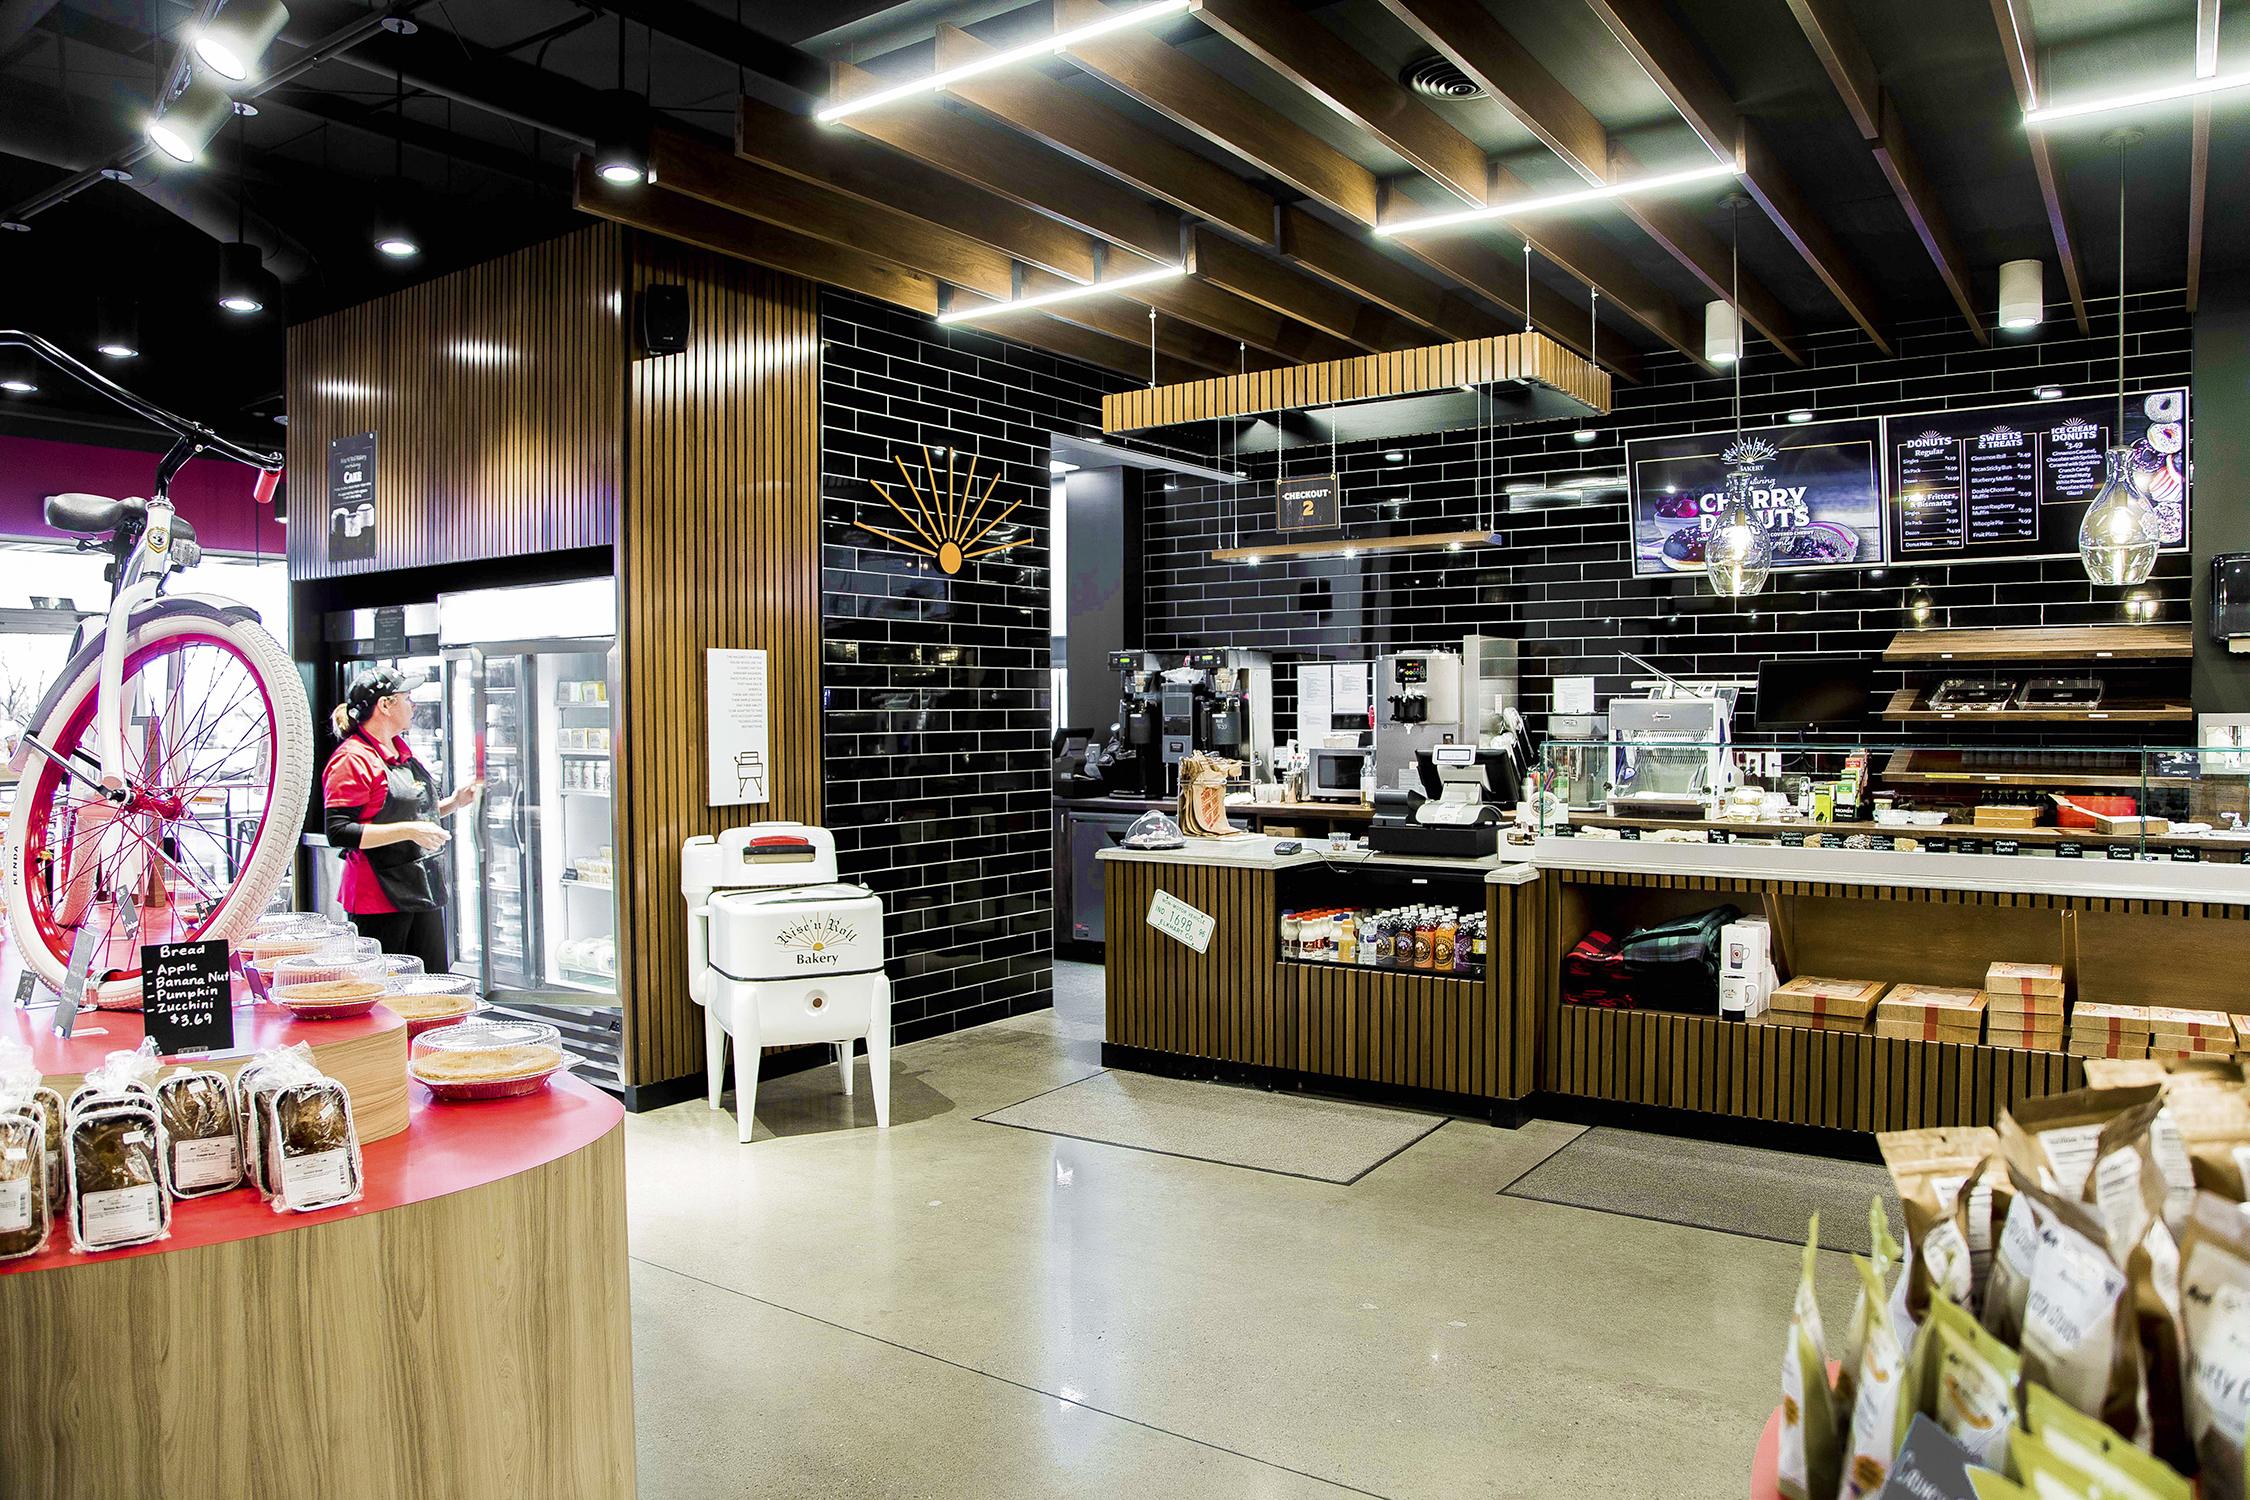 Rustic Industrial Interior Design 1.jpg